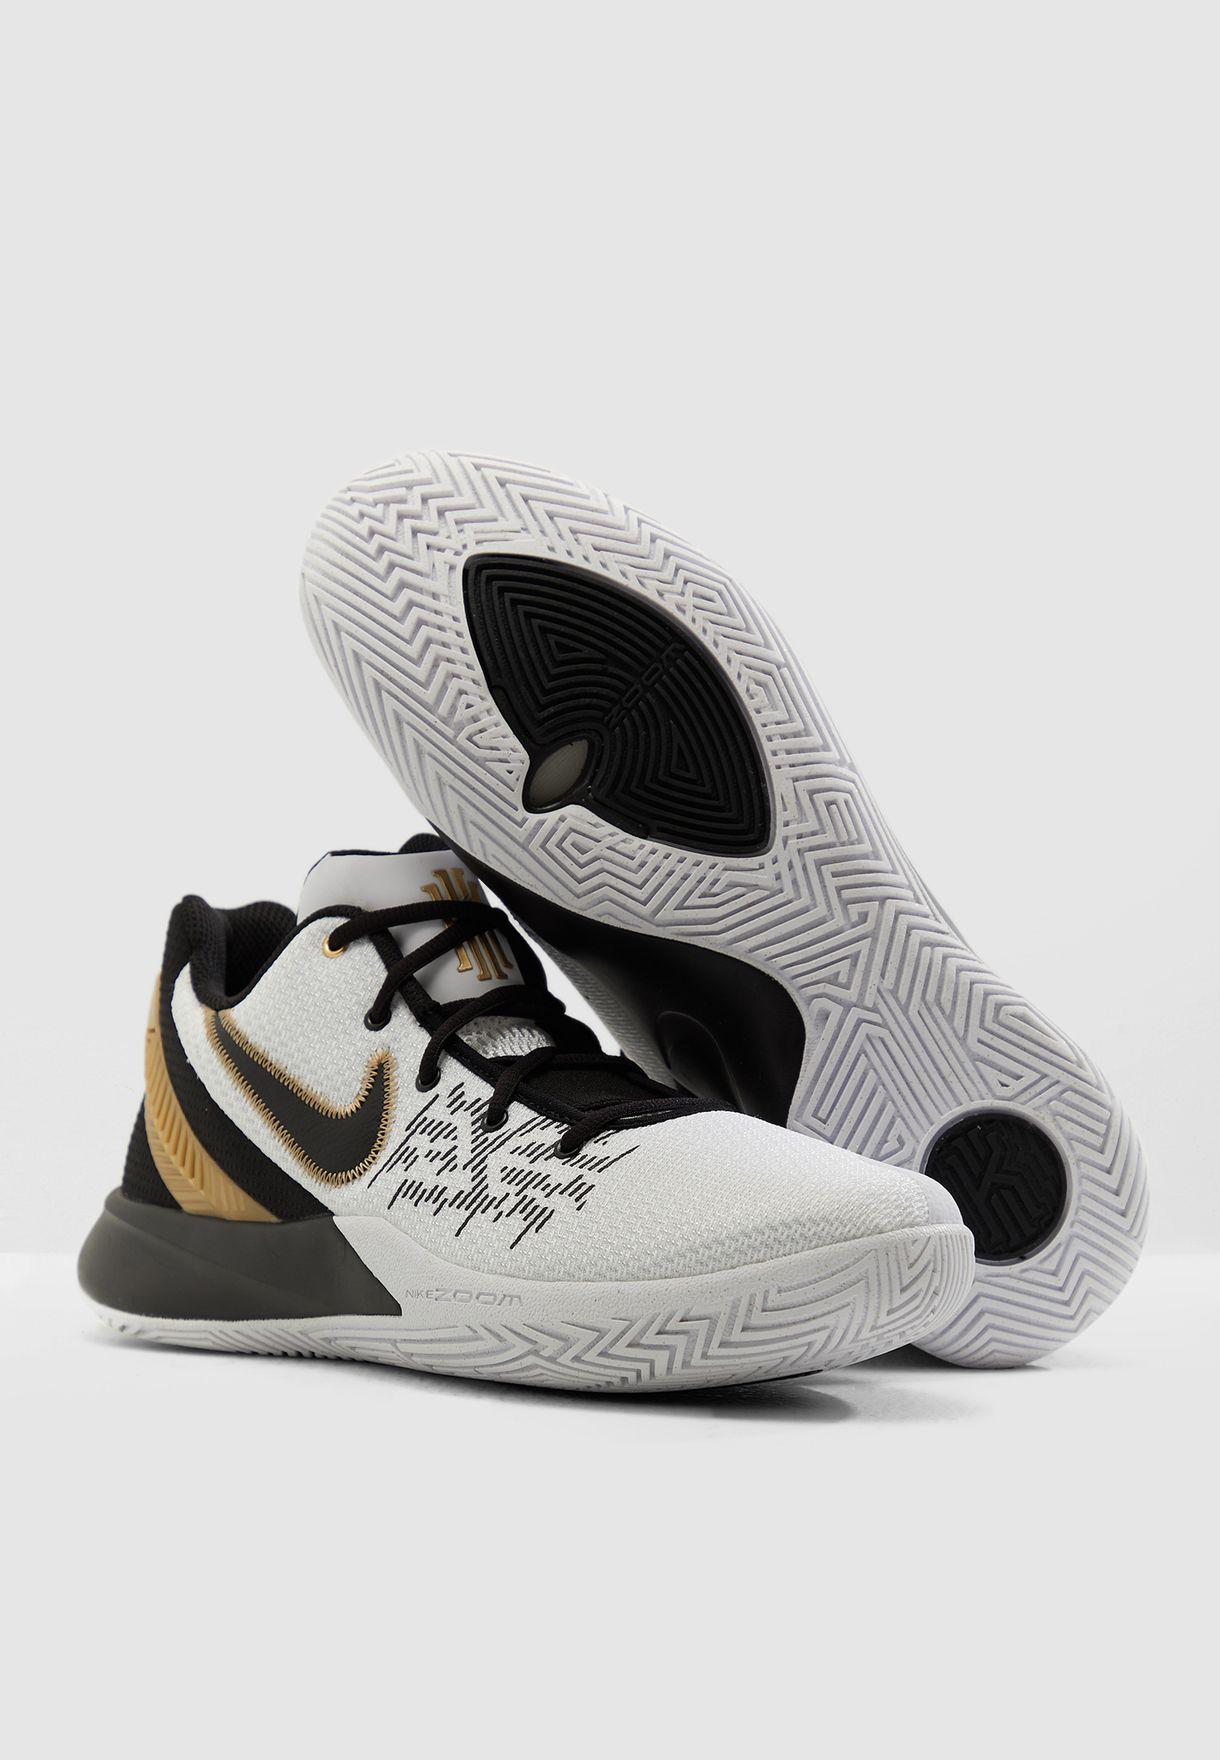 best service 4c84d c7202 Nike Kyrie Flytrap II - BASKETBALL SHOES NIKE Basketball Shoes - Superfanas. lt